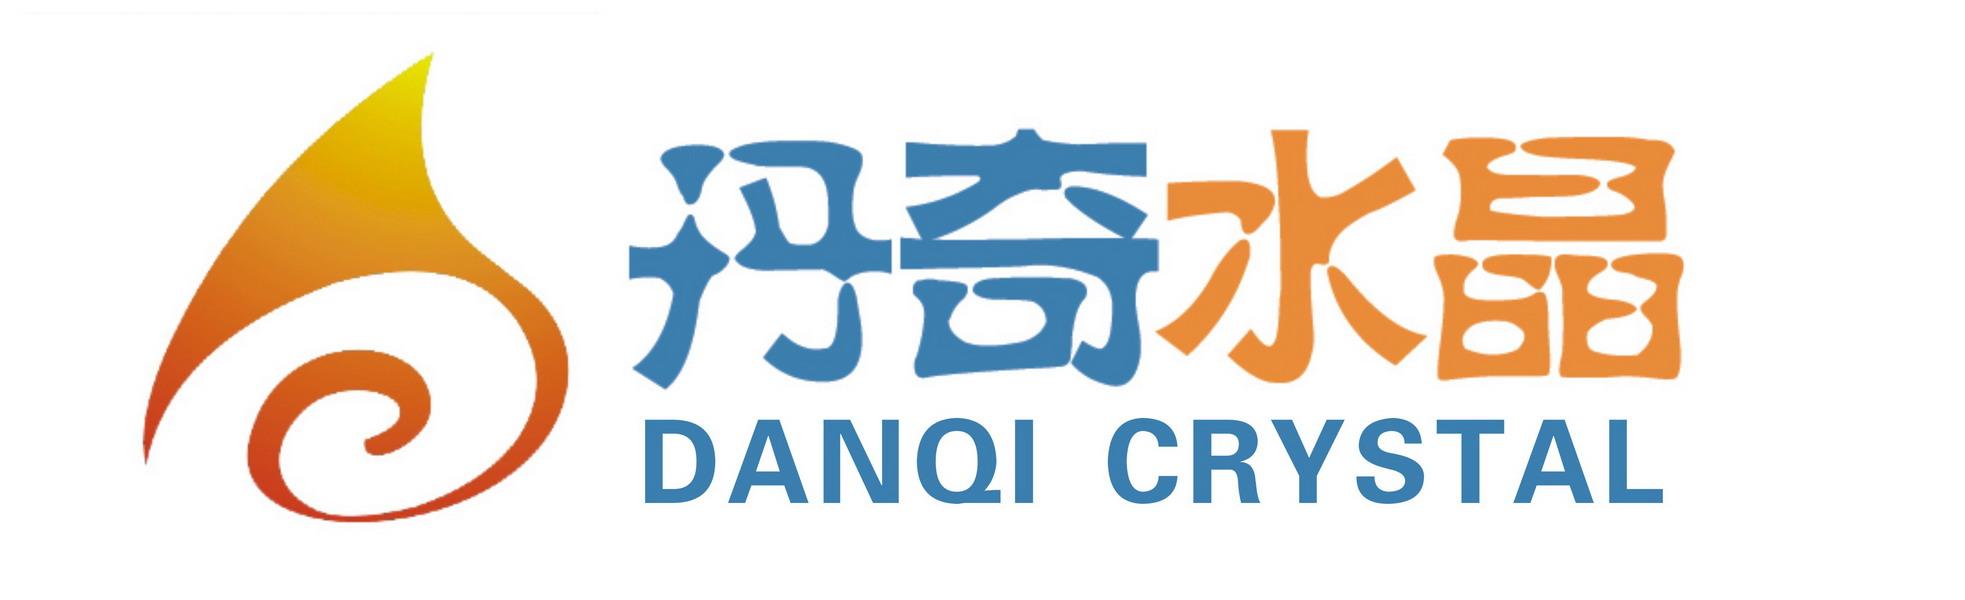 浦江县丹奇水晶玻璃加工厂